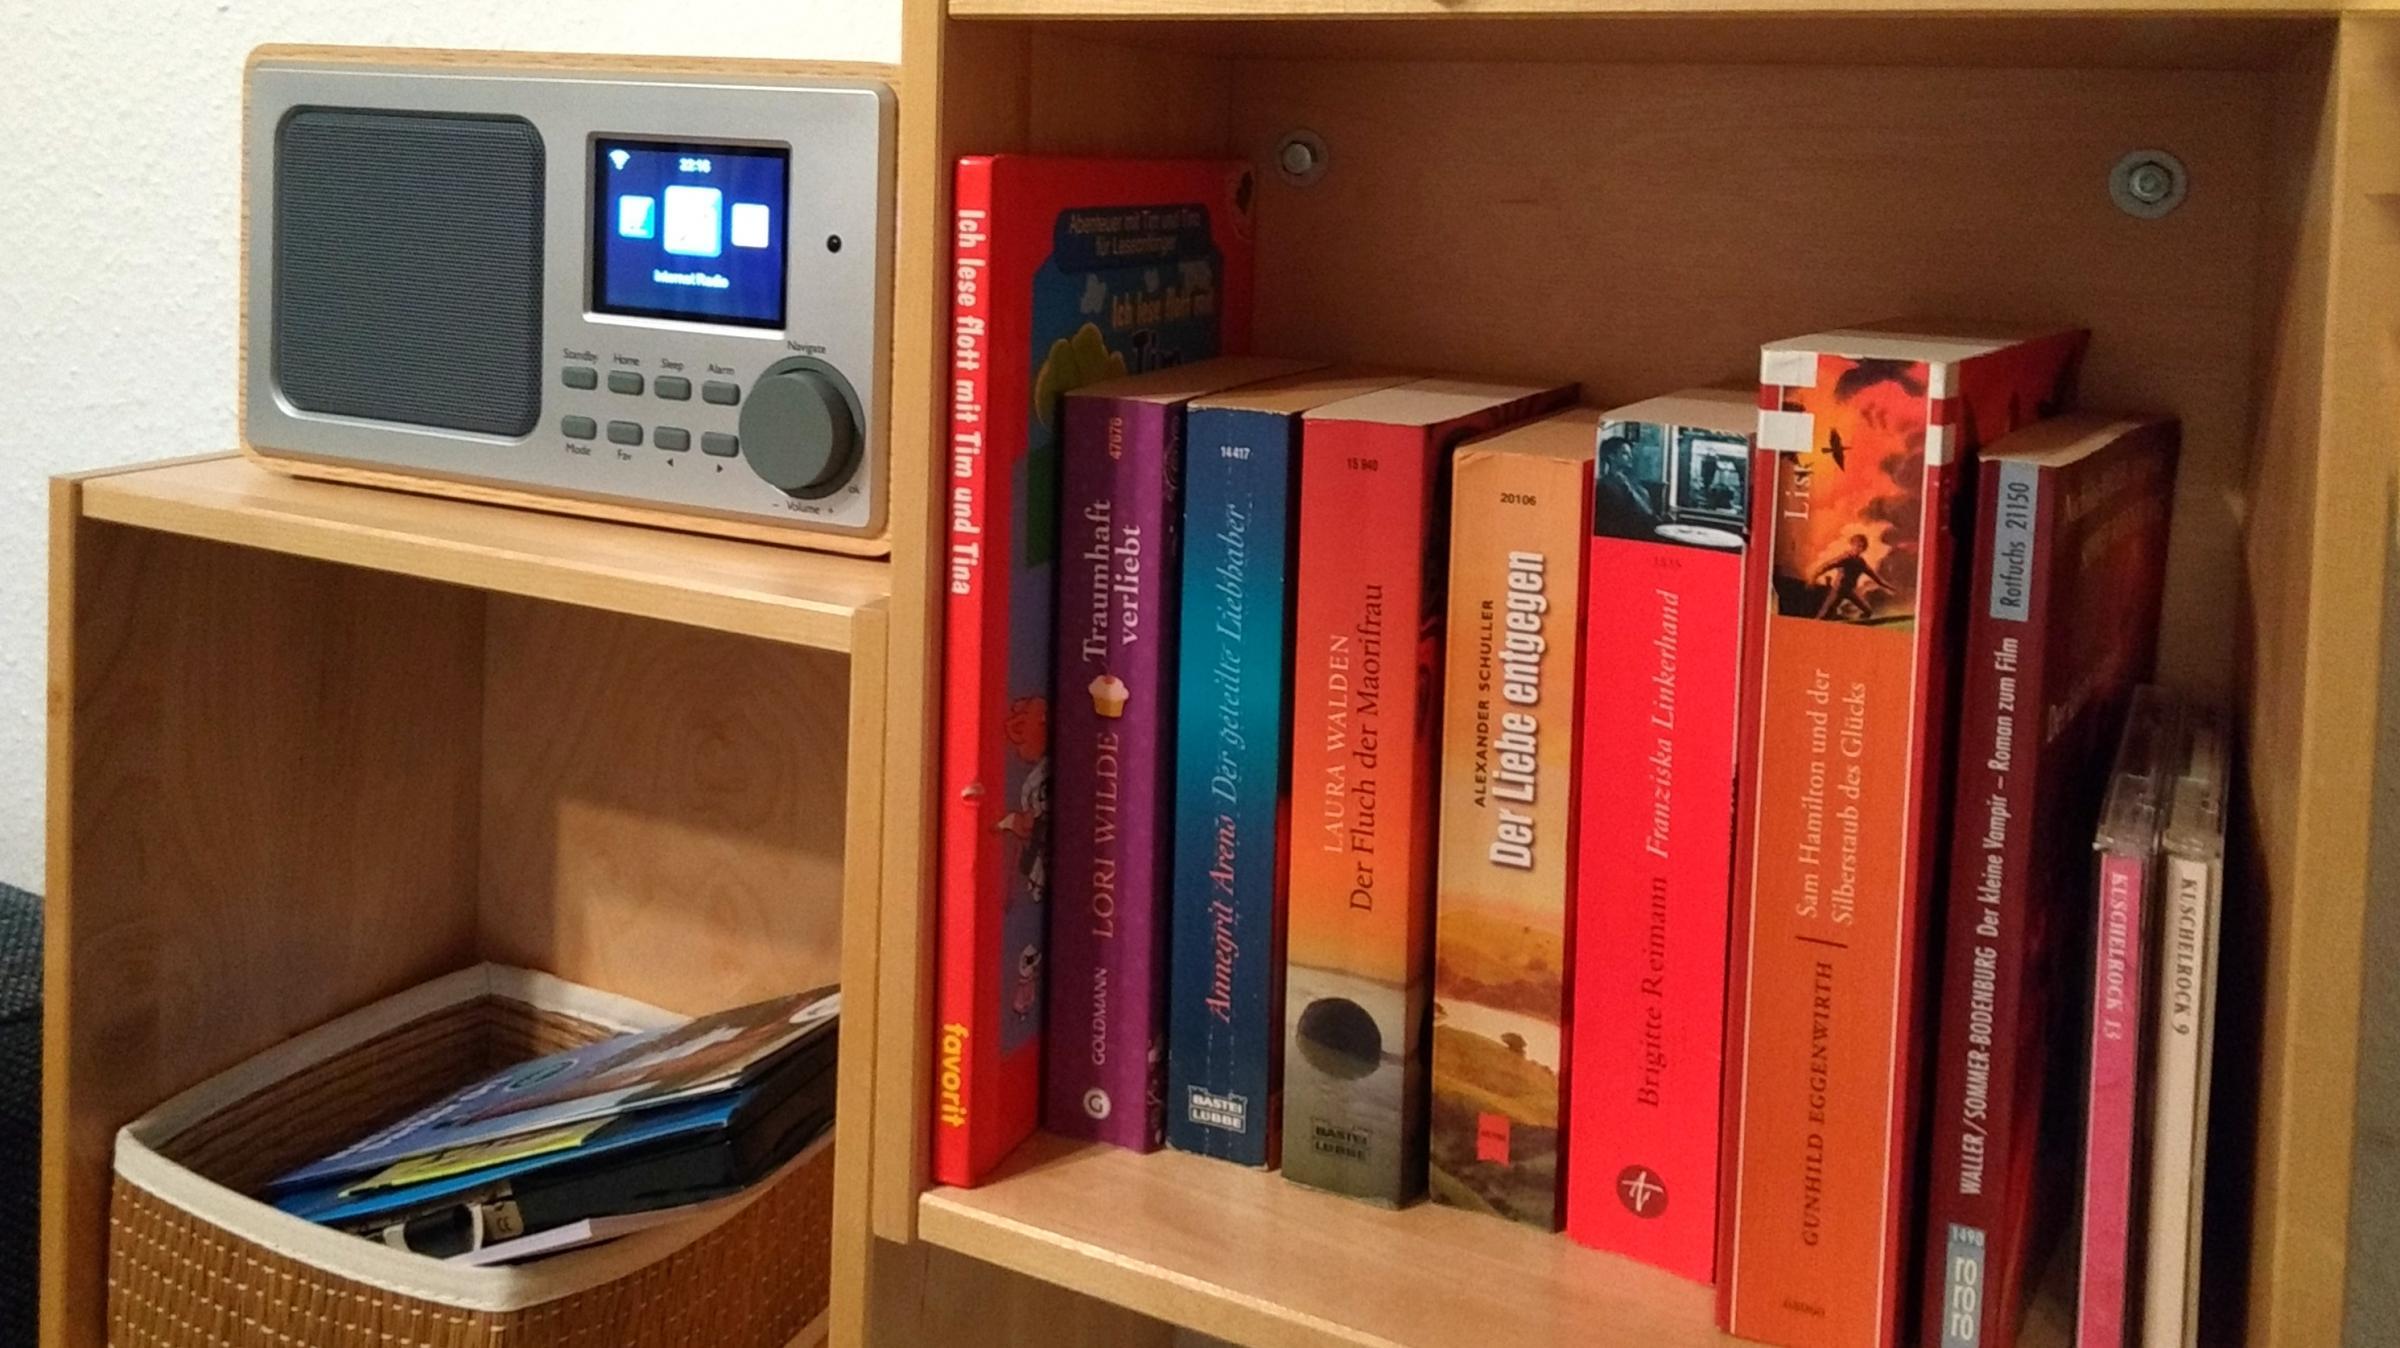 Lassen Sie Ihre Technik zu Hause, Mit diesem kleinen Klangwunder können Sie rauschfrei Radio hören oder über Bluetooth oder AUX Ihre Musik streamen.